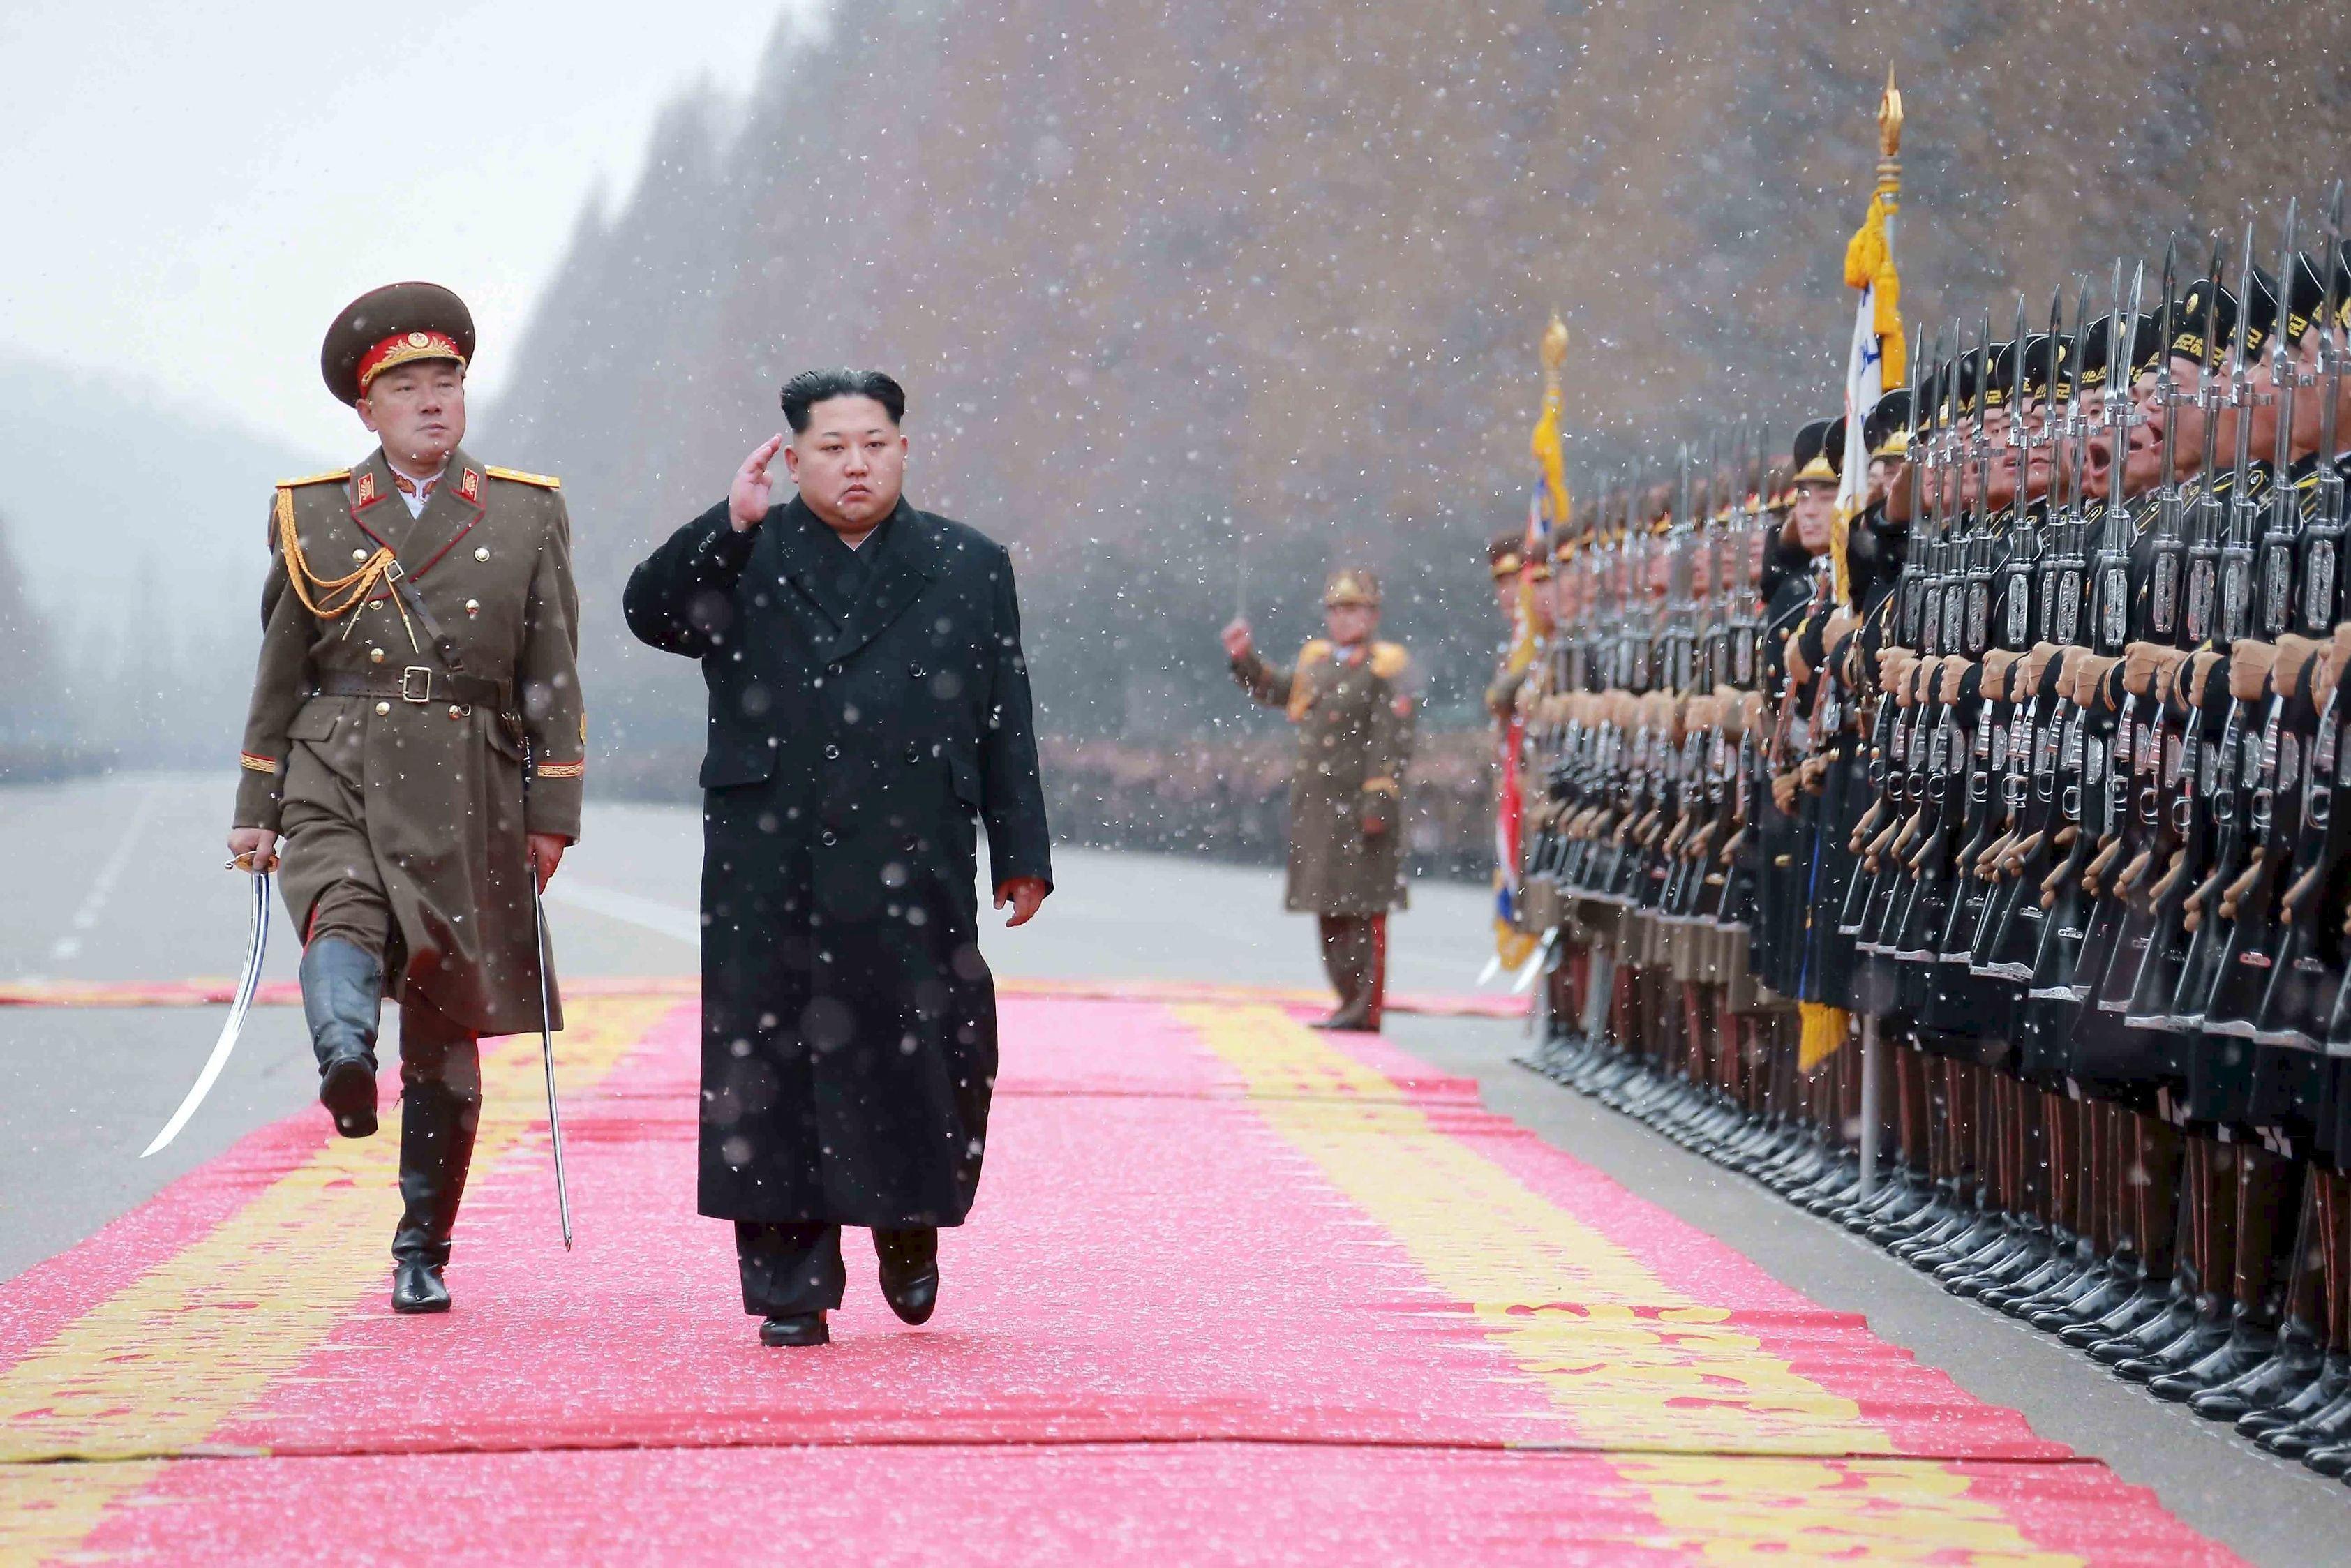 Kim Jong-Un a primit planul de atac împotriva insulei Guam/ `Dacă ar ataca SUA, conflictul va escalada rapid într-un război`